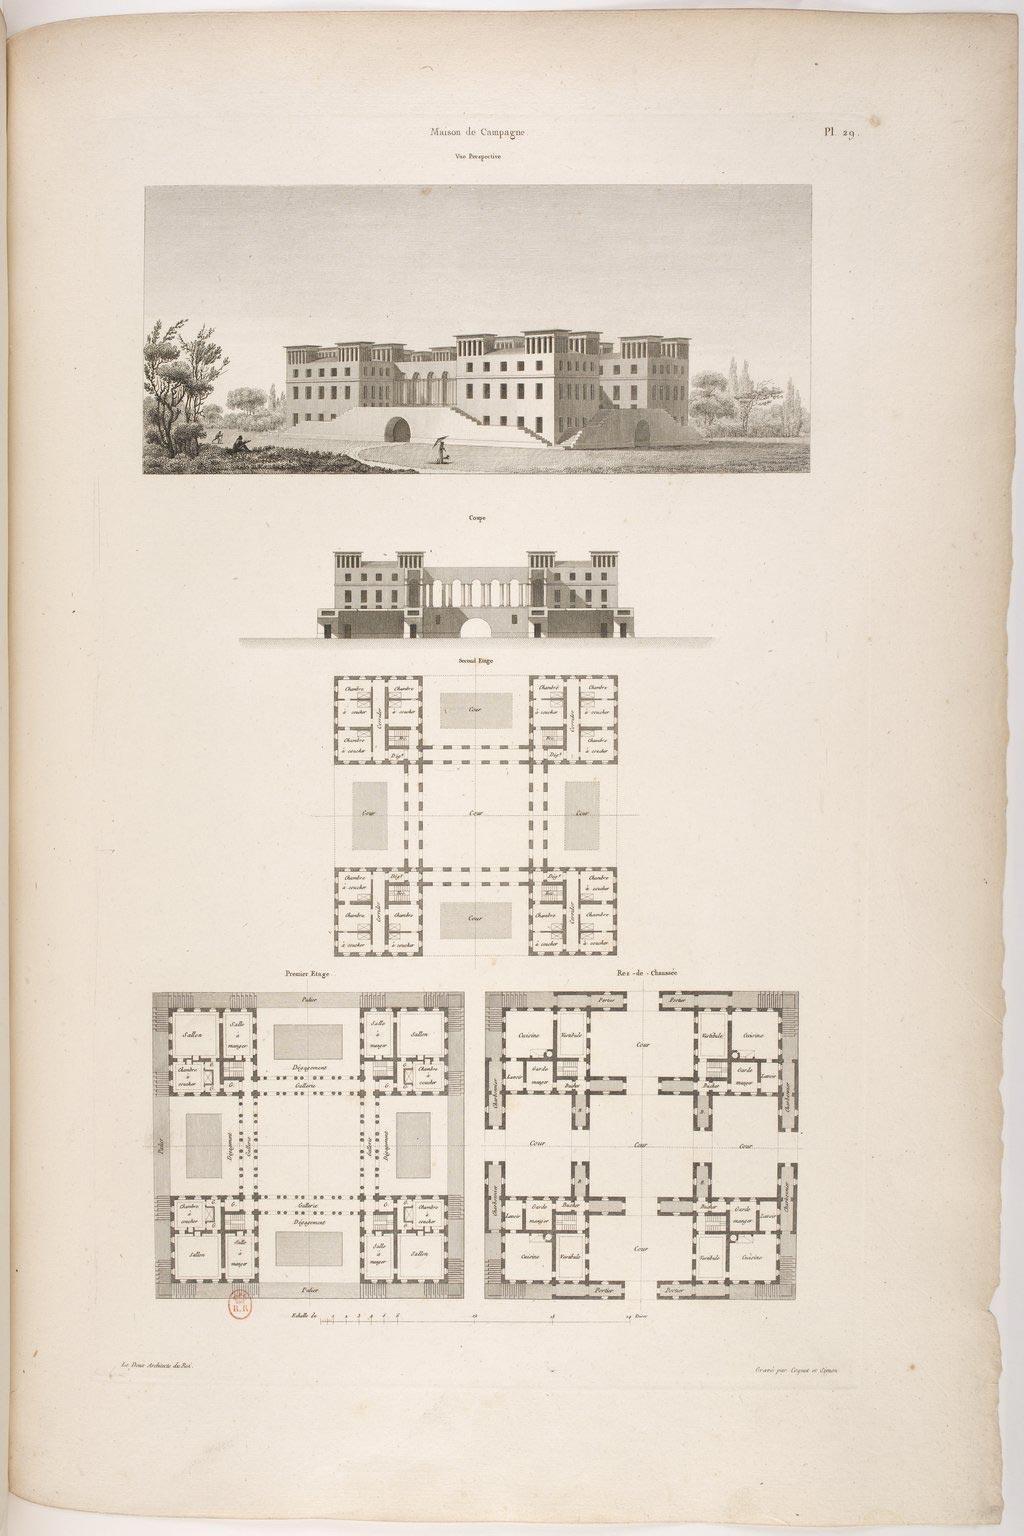 ledoux-claude-architecture-309